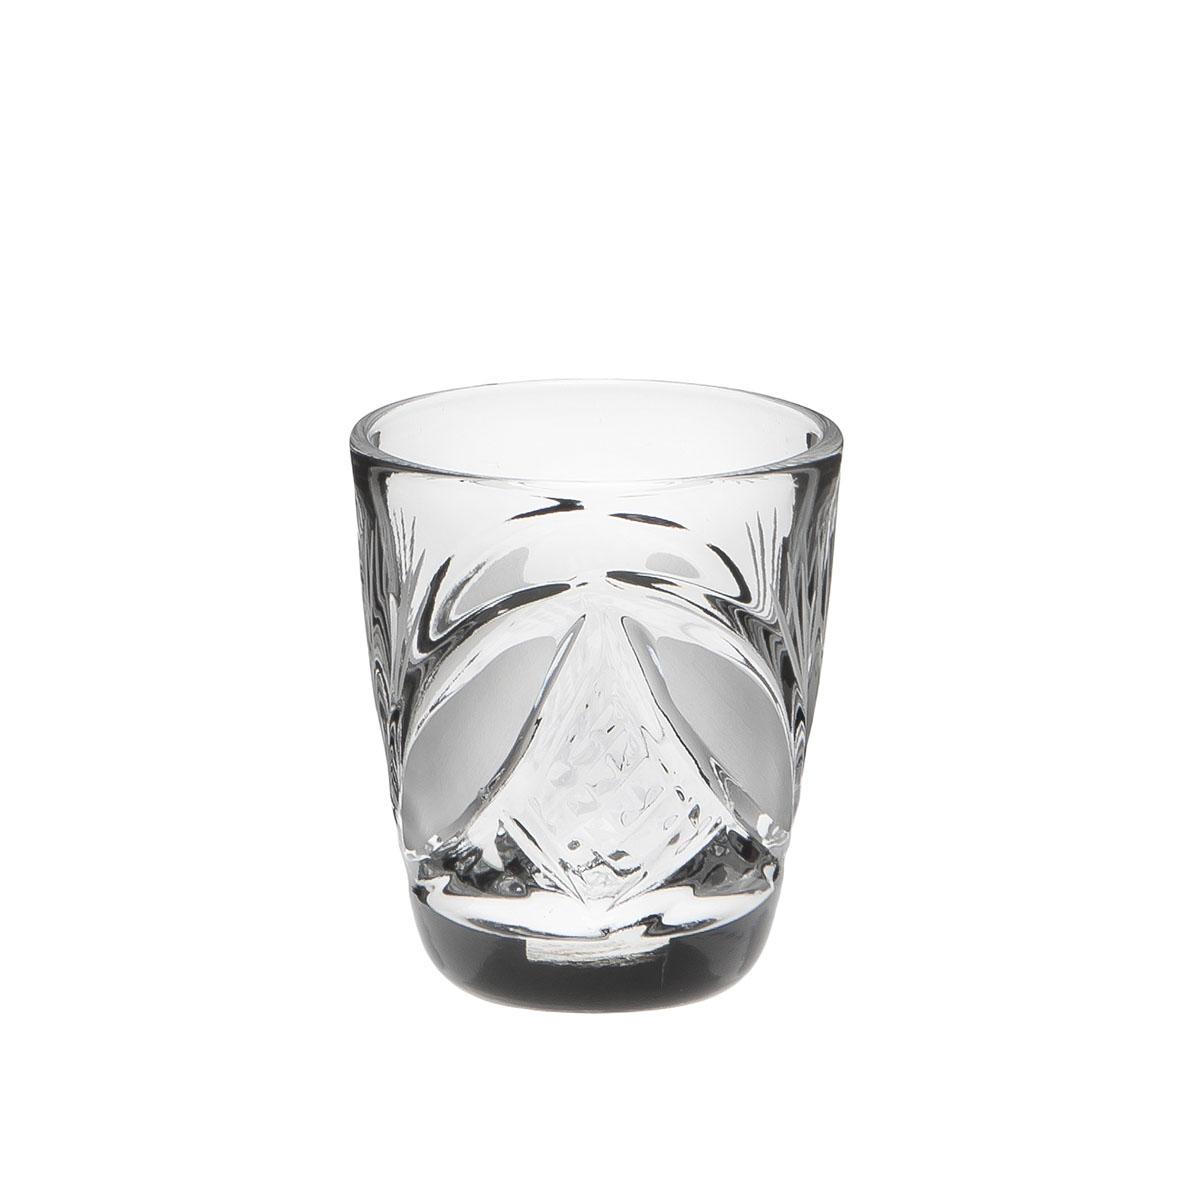 Стакан Дятьковский хрусталь Барыня. Камень, 30 мл. С344/6H5116Хрустальные стаканы – красивое и простое решение для украшения праздничного стола. Стаканы из хрусталя универсальны, они подойдут и для алкогольных напитков – вина, шампанского, и для освежающих – минеральной воды, компота или сока. Если в вашей домашней коллекции еще нет предметов хрустальной посуды, купить хрустальные стаканы стоит обязательно.